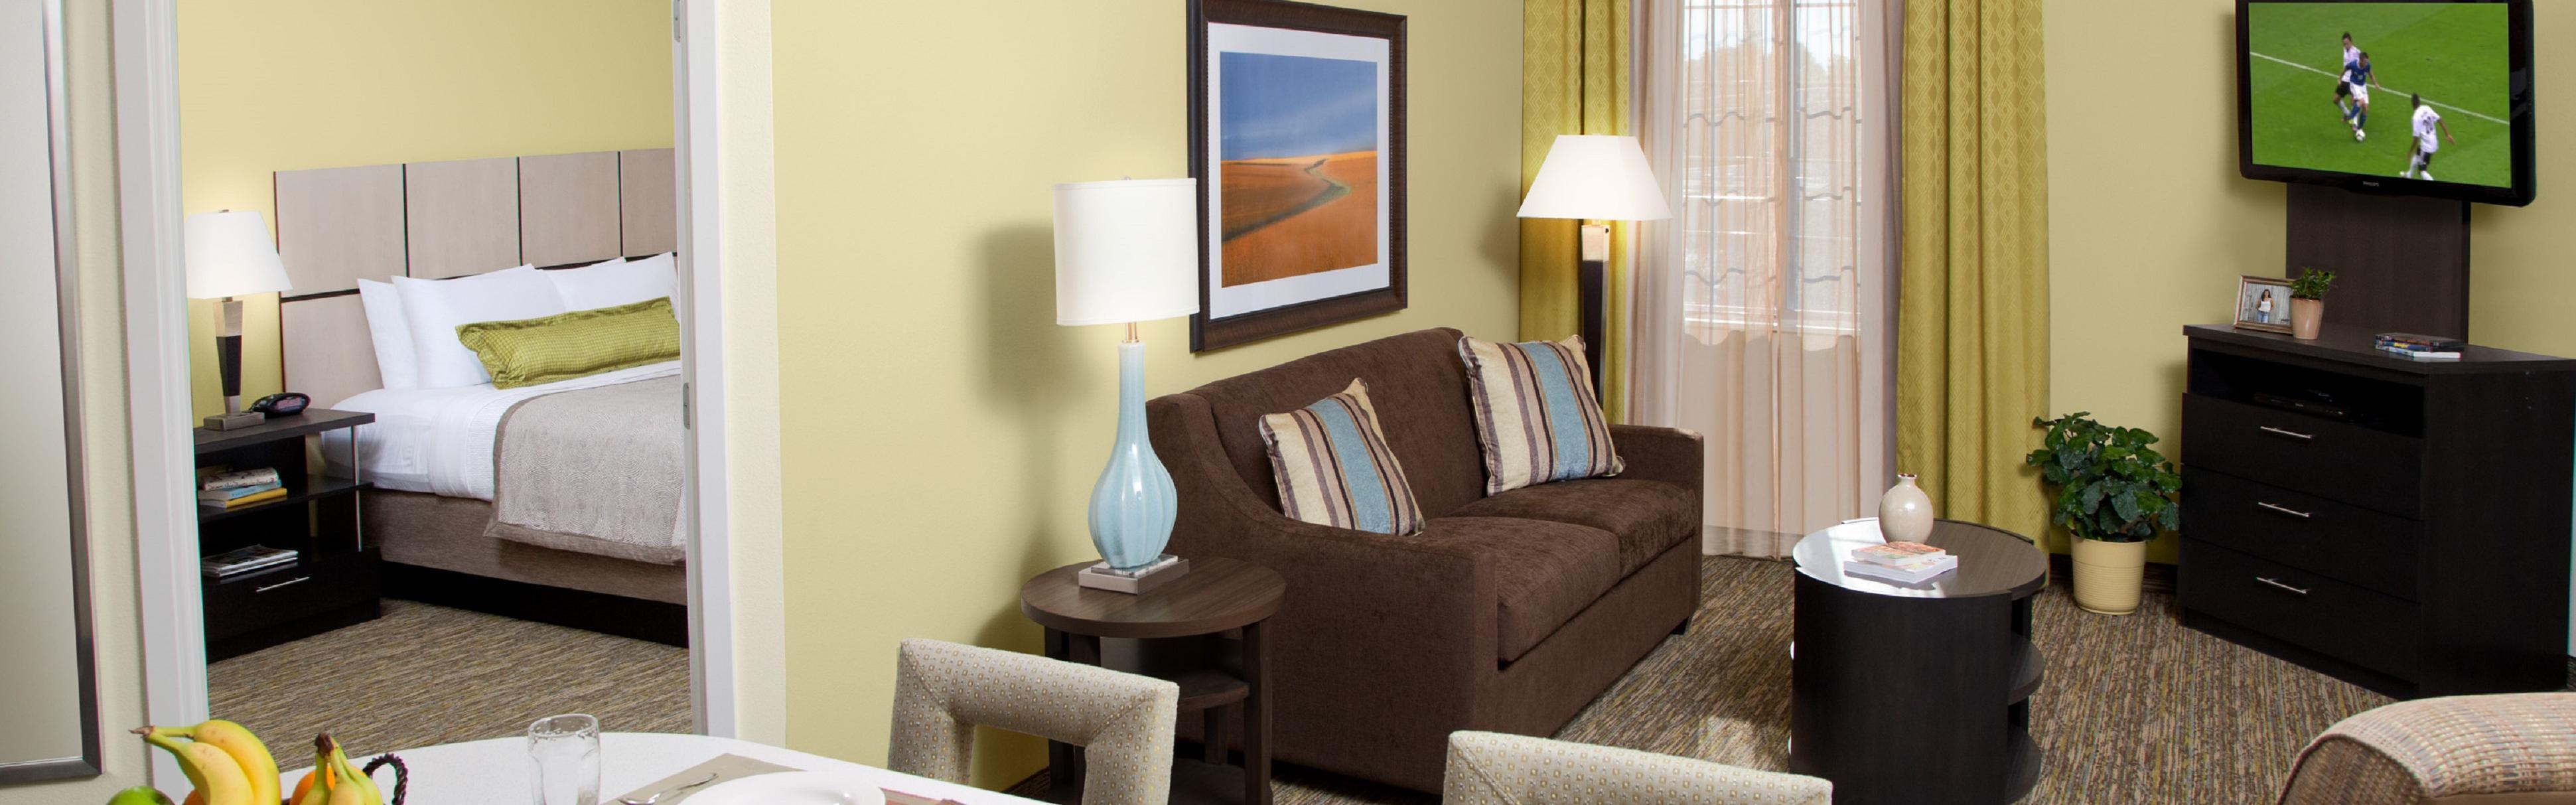 Candlewood Suites Des Moines image 1